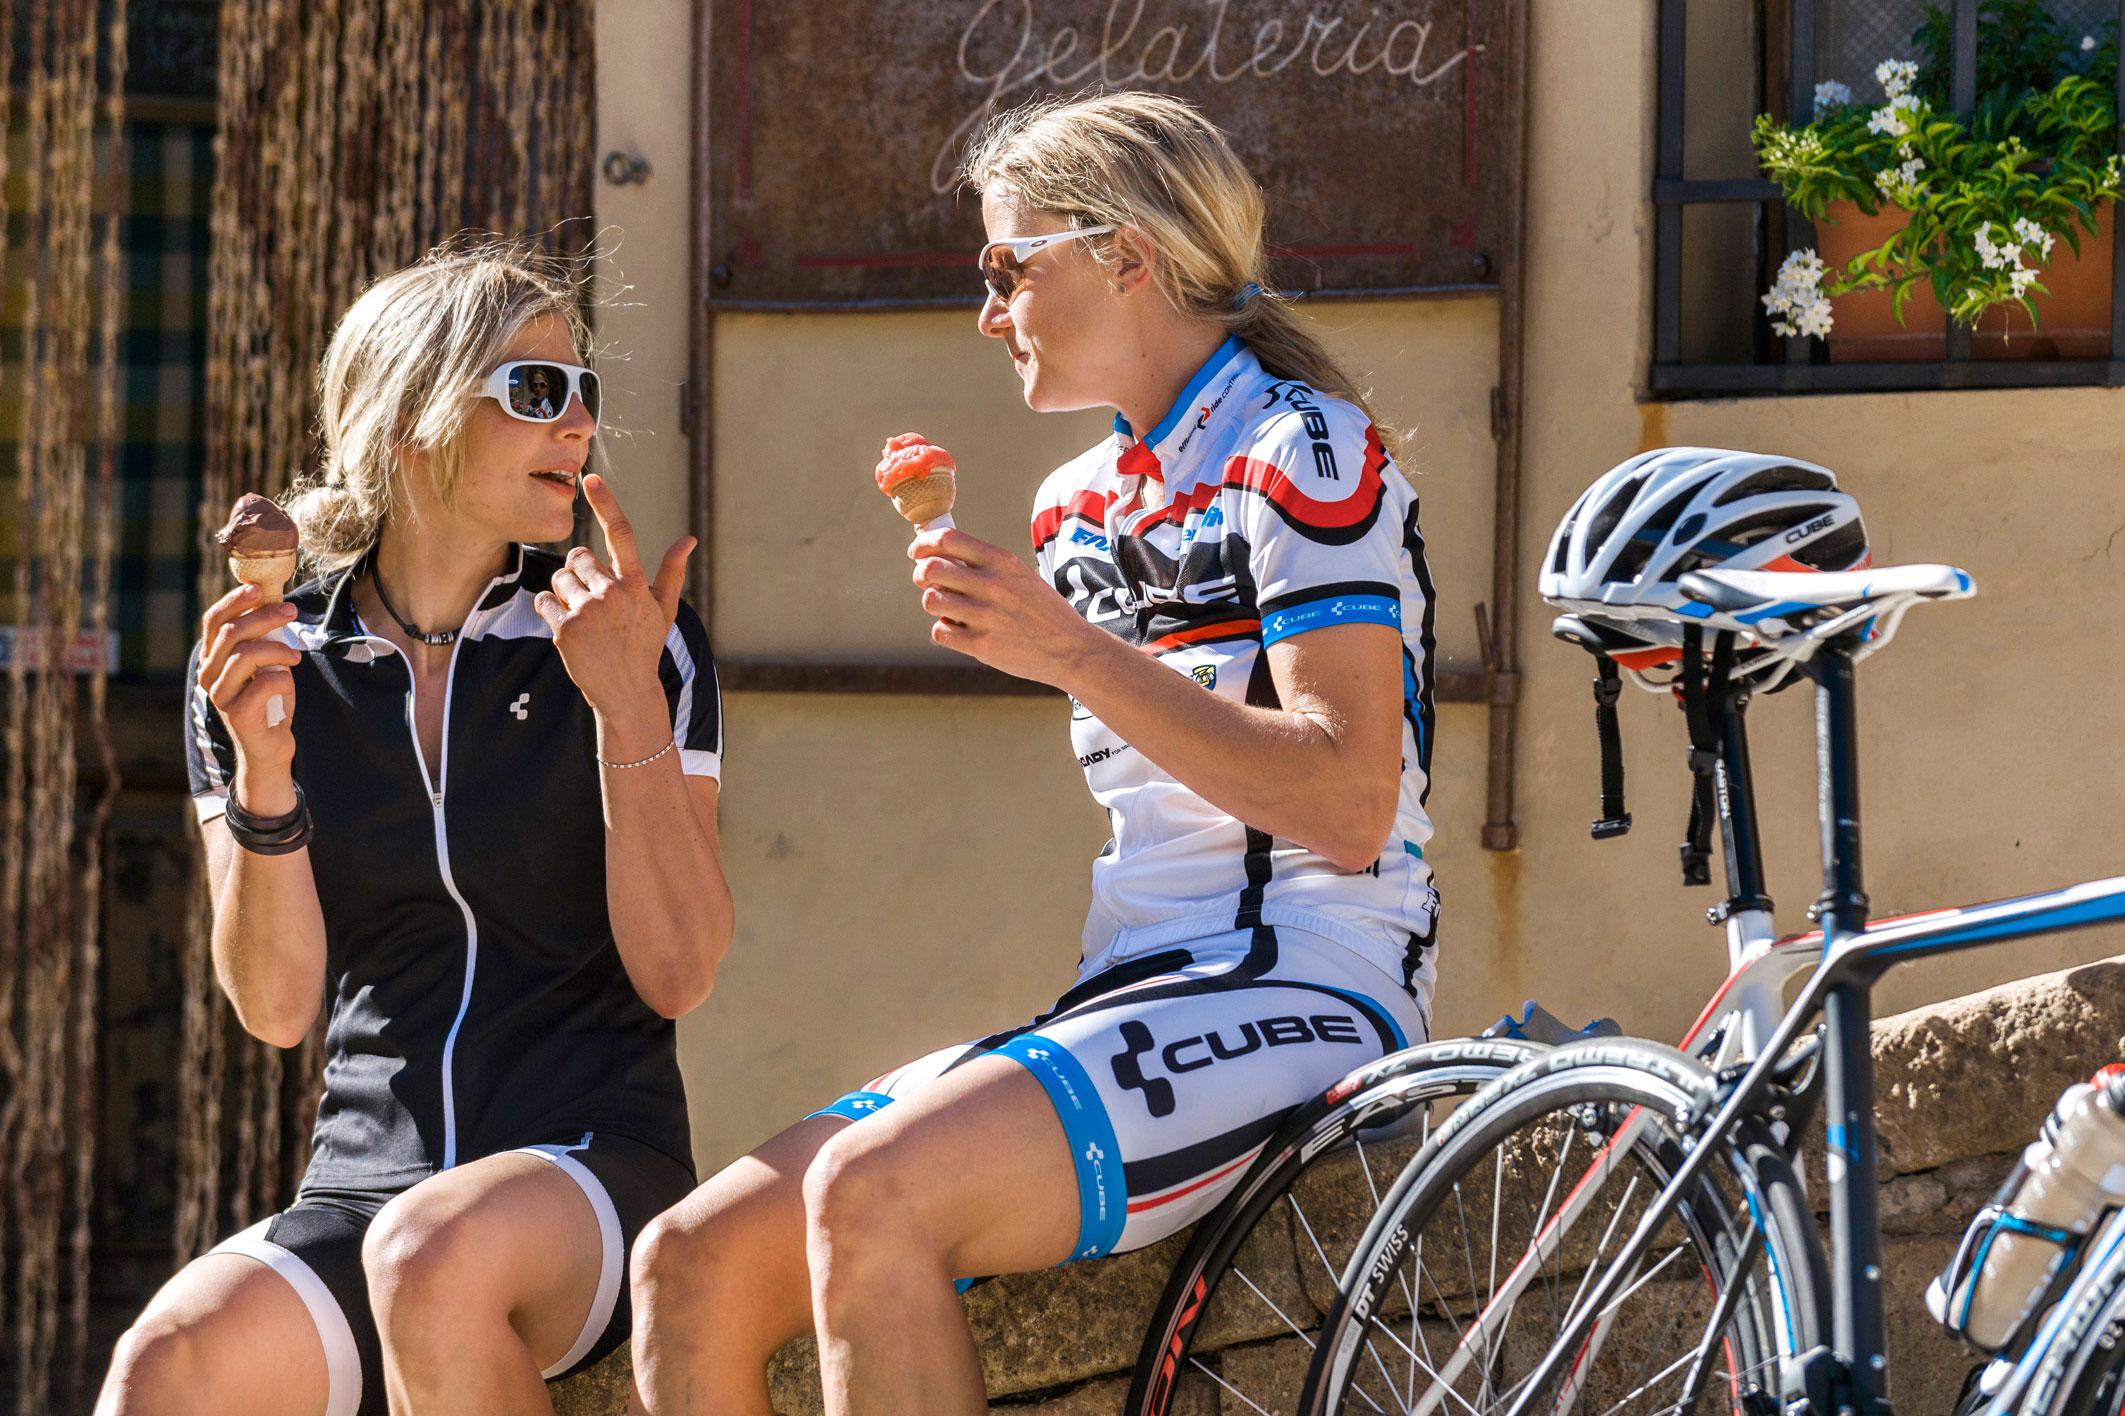 Lady-Power am Rad | Was Frauen (radfahrtechnisch) wollen